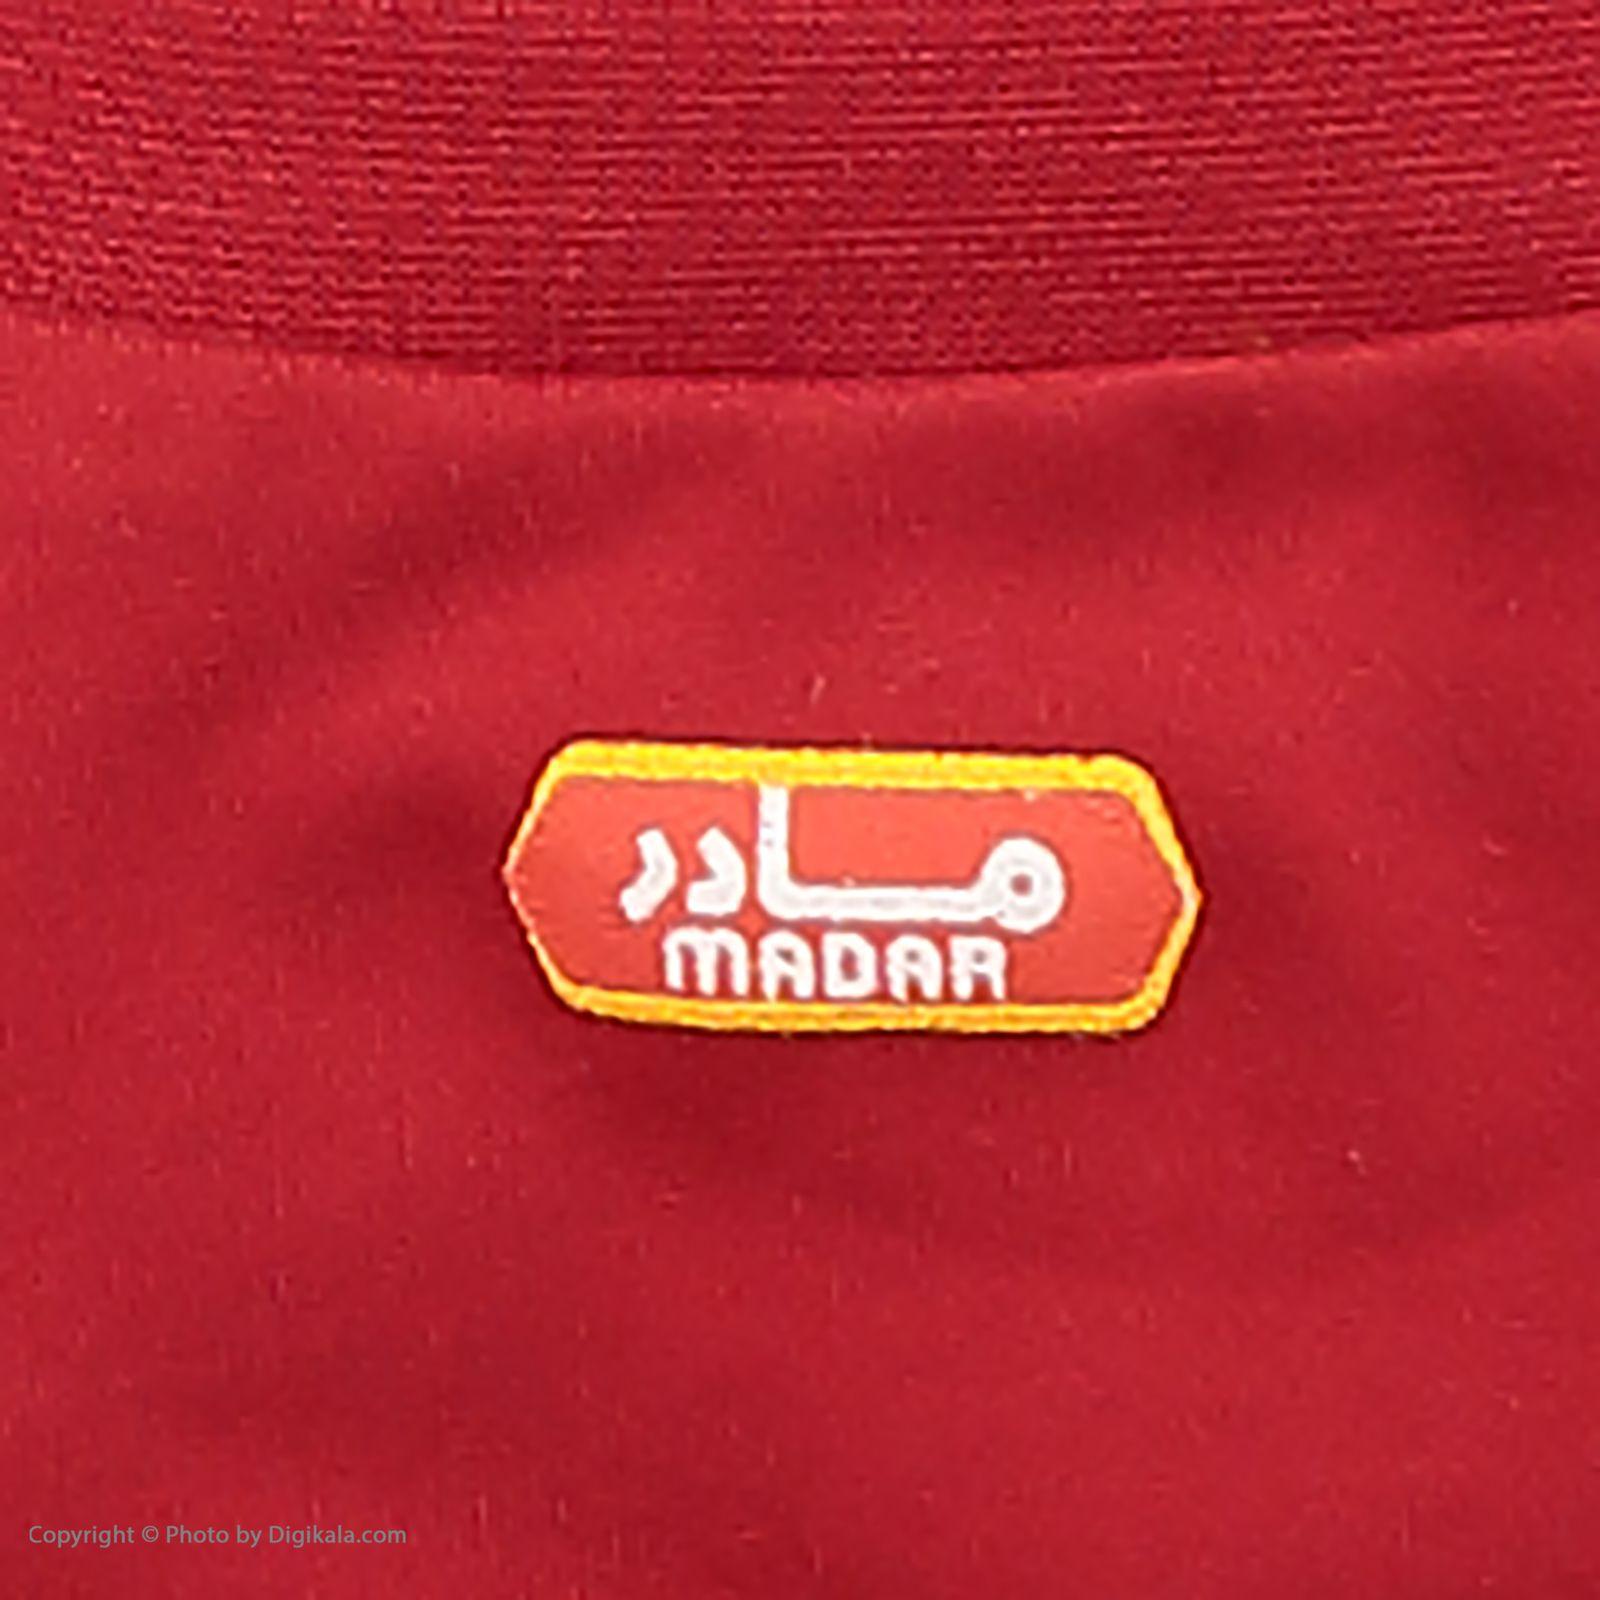 ست تی شرت و شلوار پسرانه مادر مدل 318-72 main 1 7